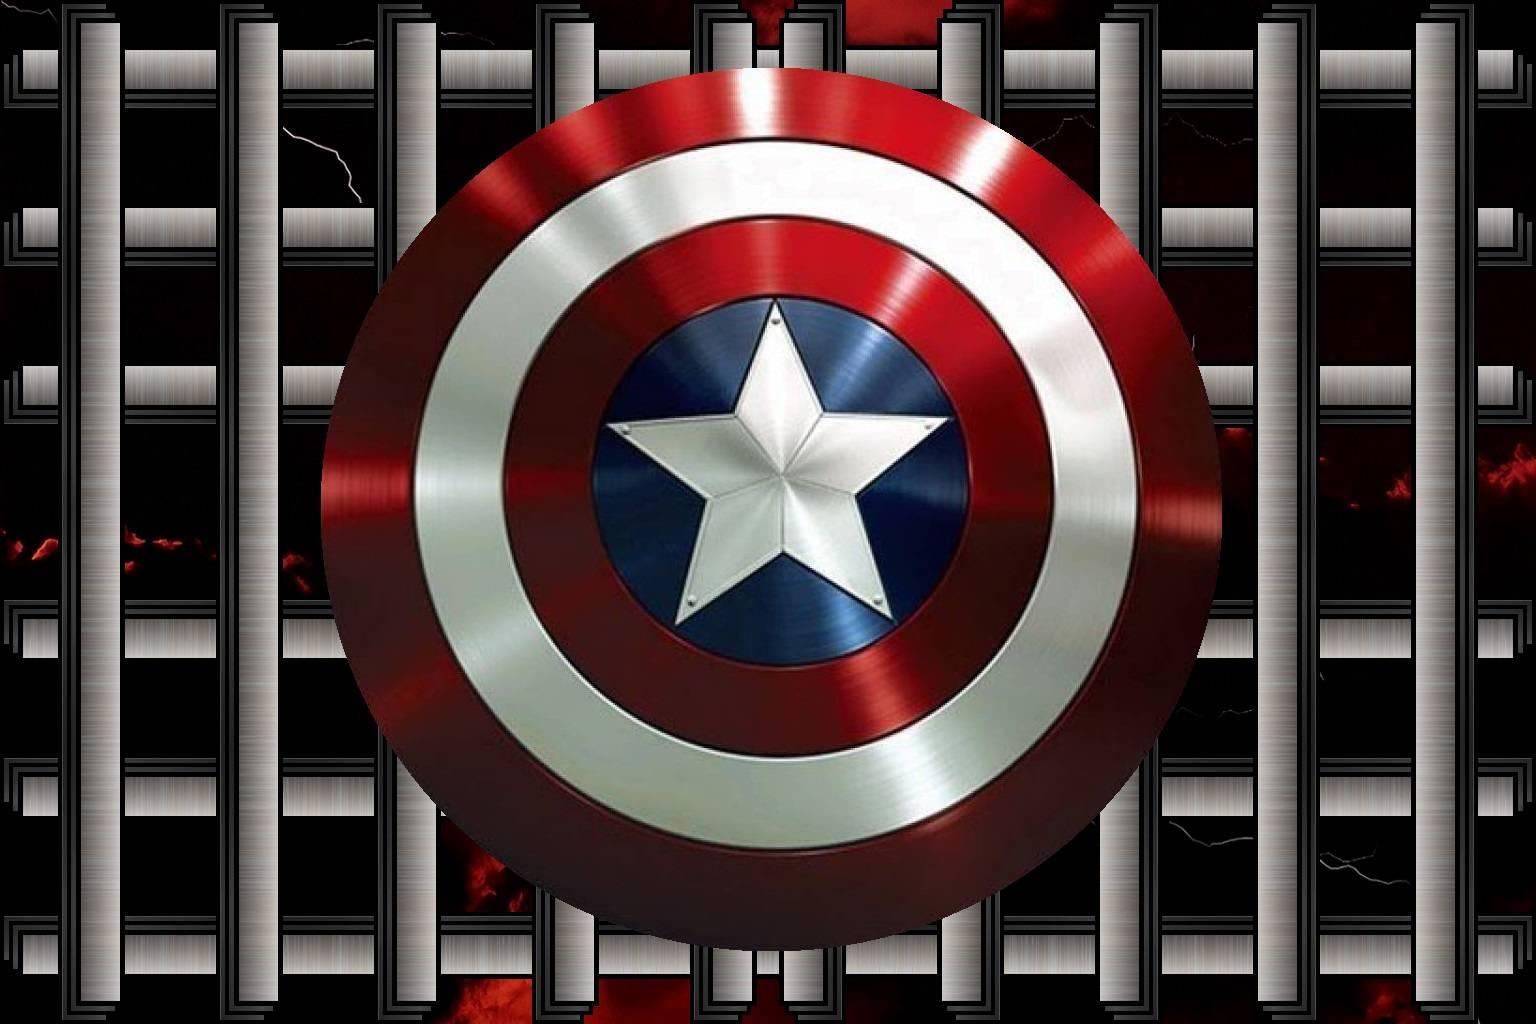 Shield Cage